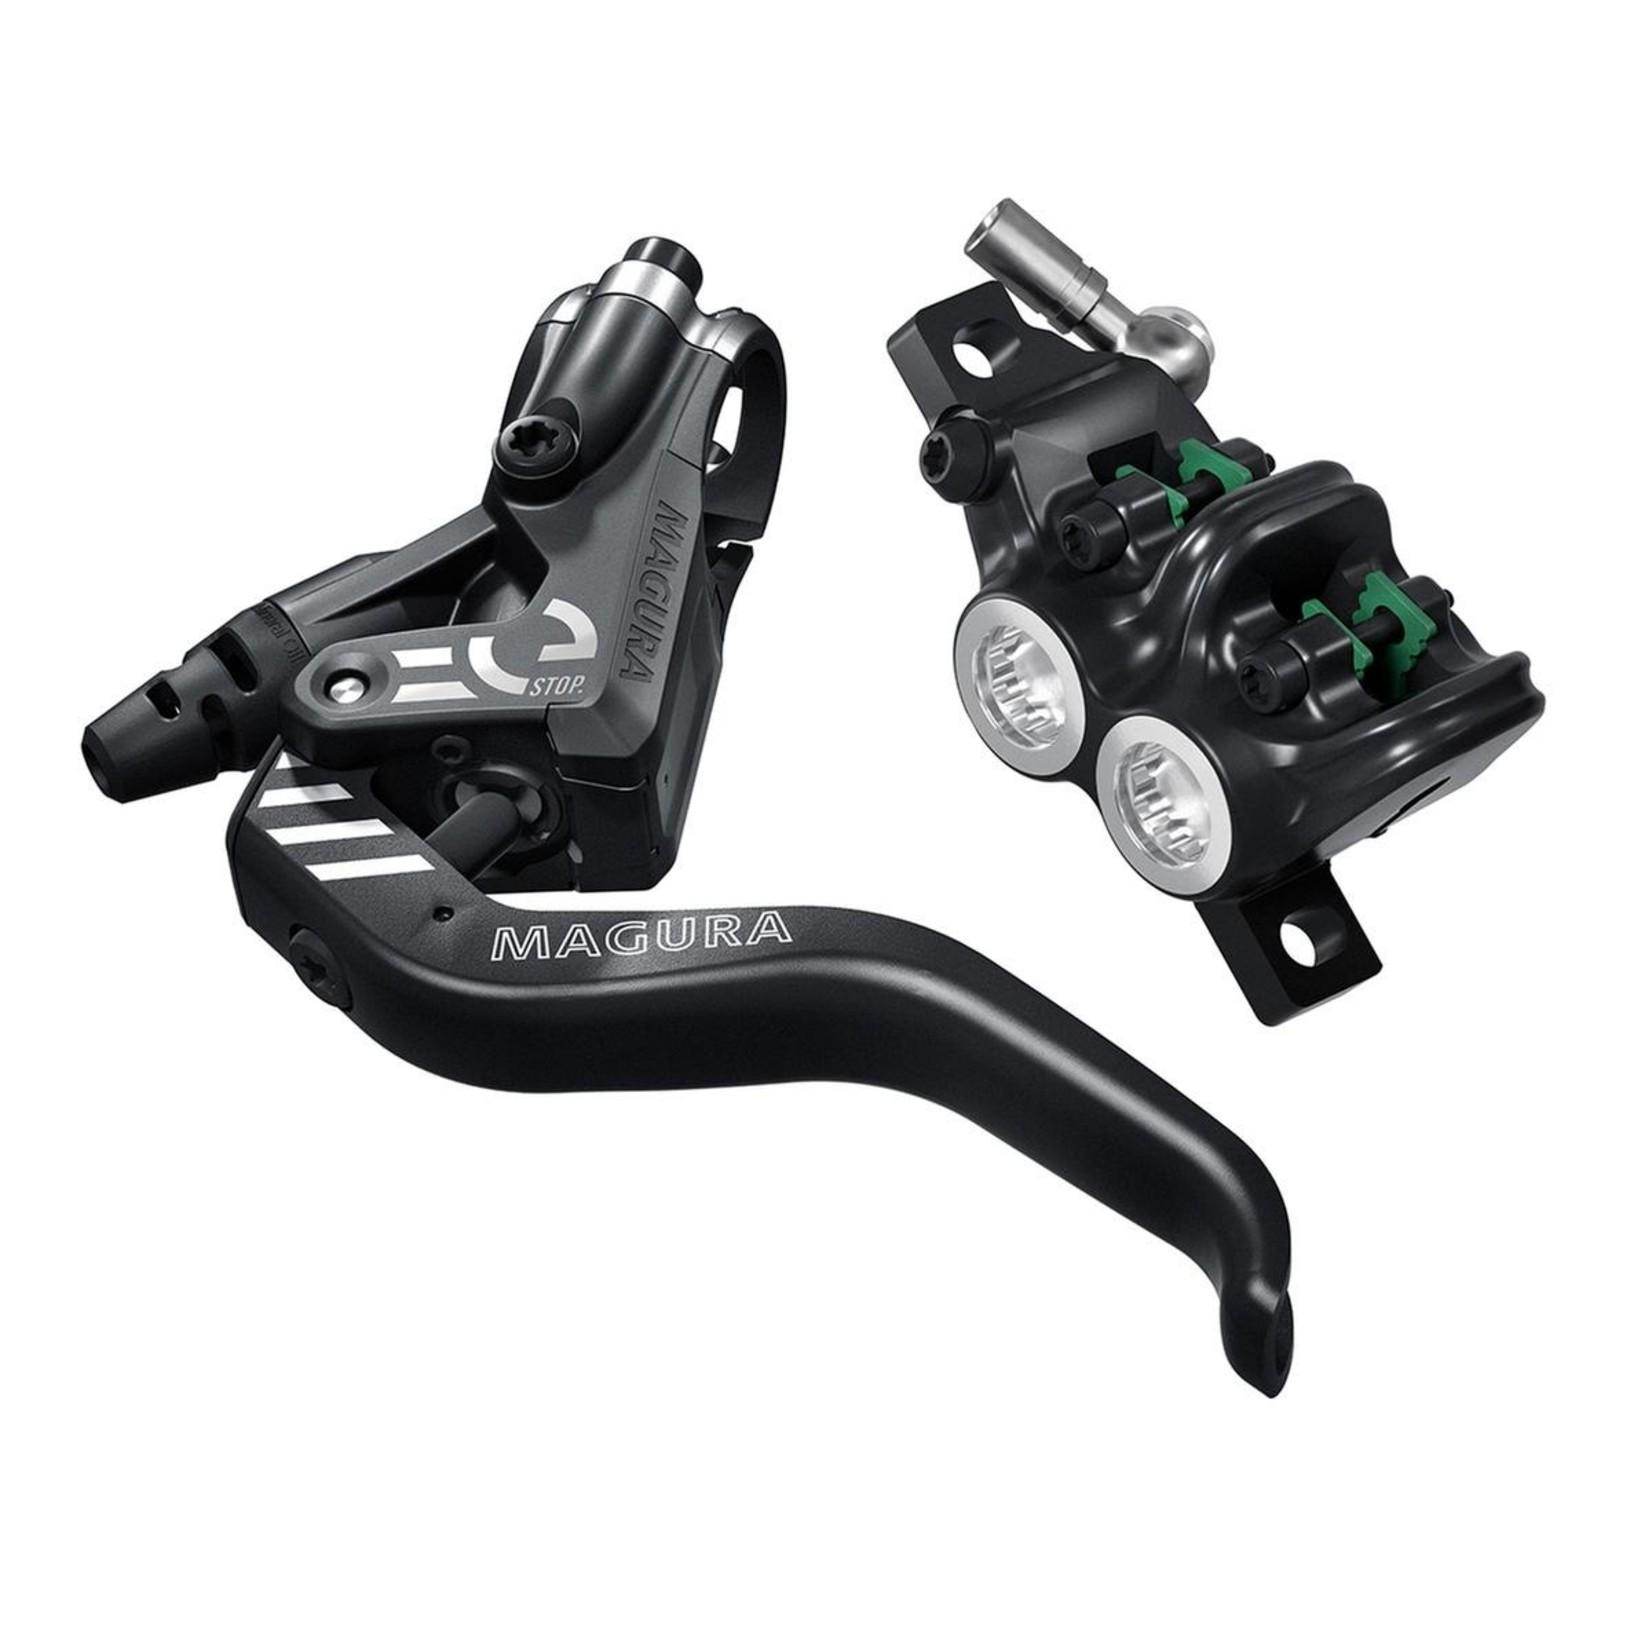 Magura MT5 eSTOP, 2-finger aluminum light weight lever blade